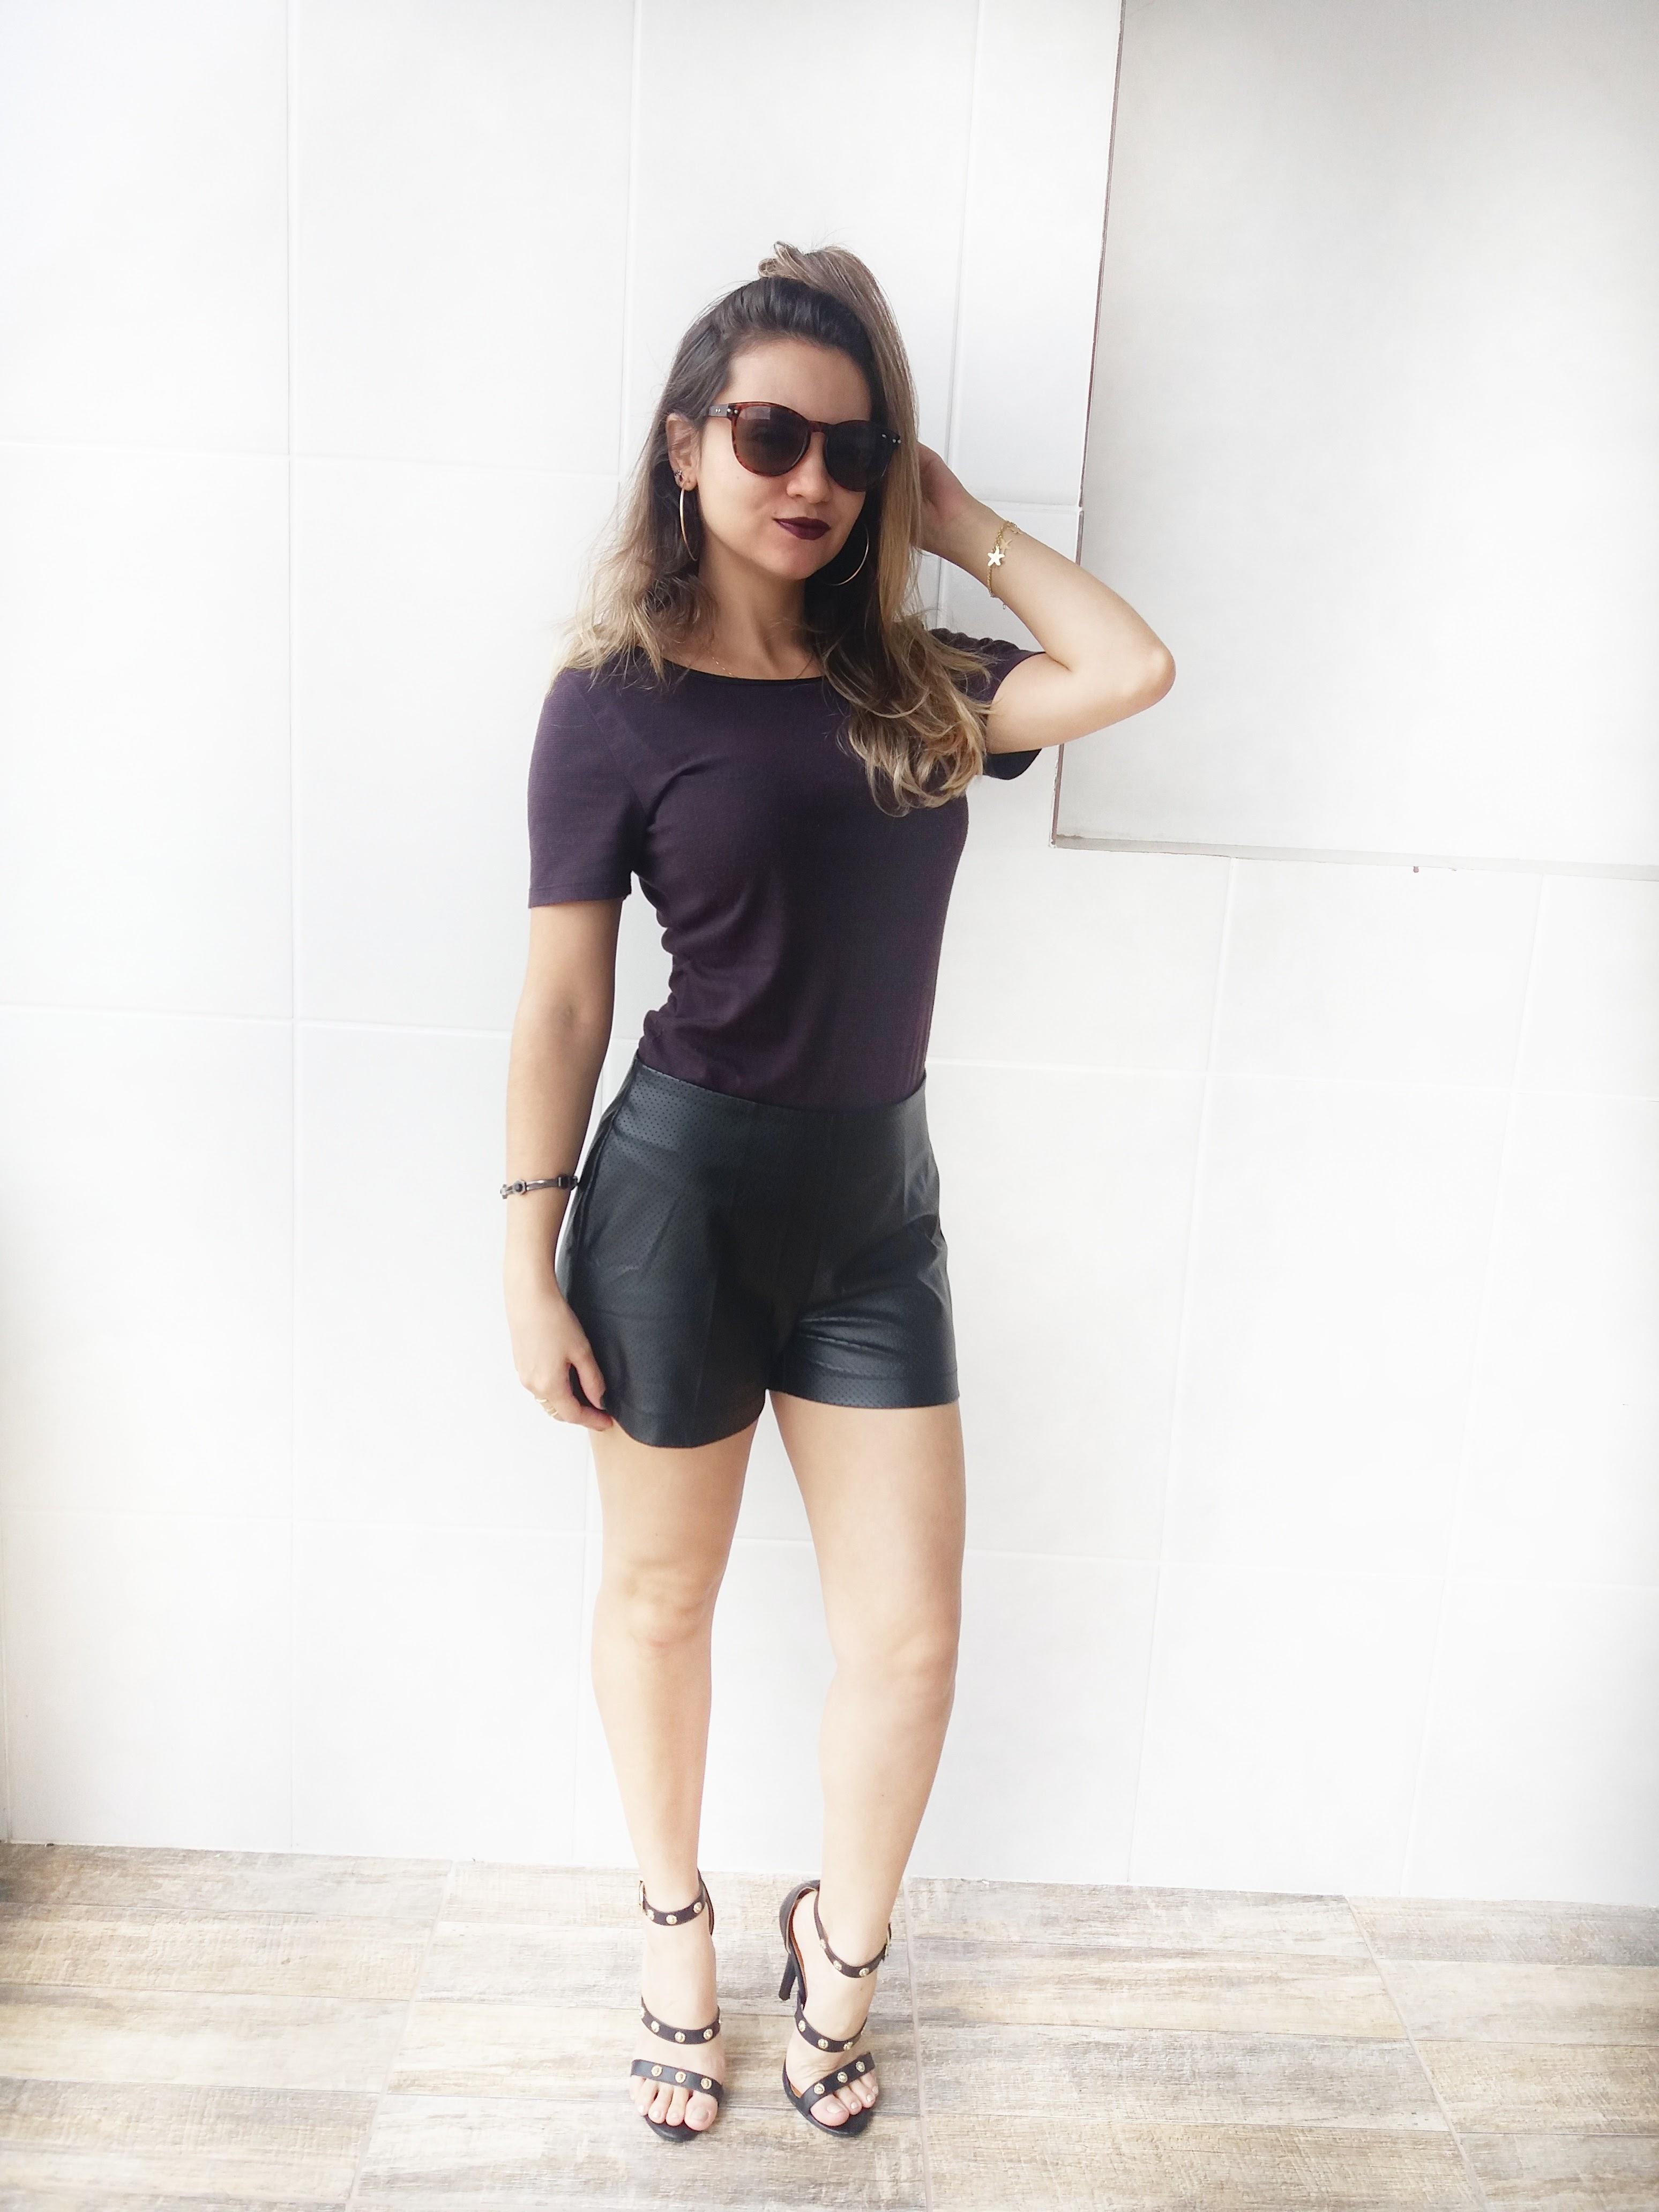 20170130_123937-01 Look da ka: Usando couro fake no verão